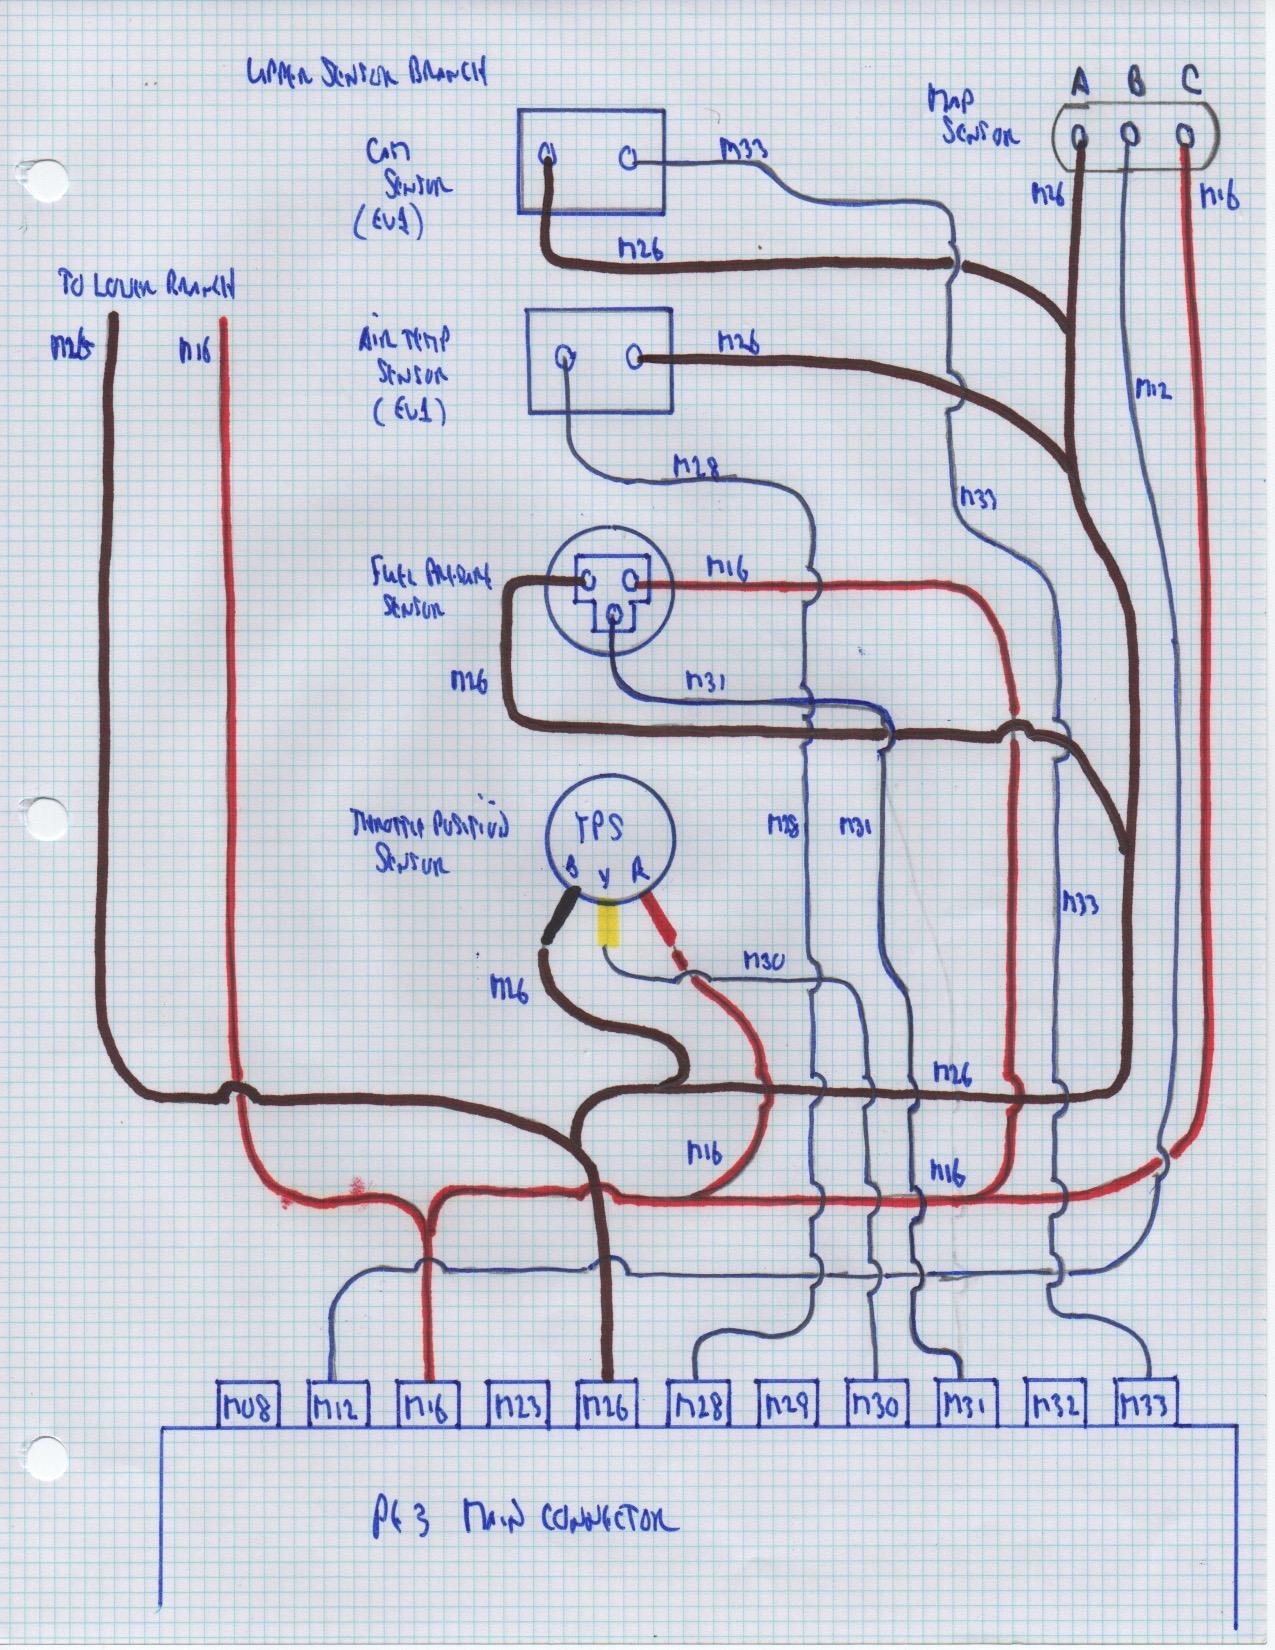 Snap Atb Motor Wiring Diagram Data Sheet 1000v Elsalvadorla